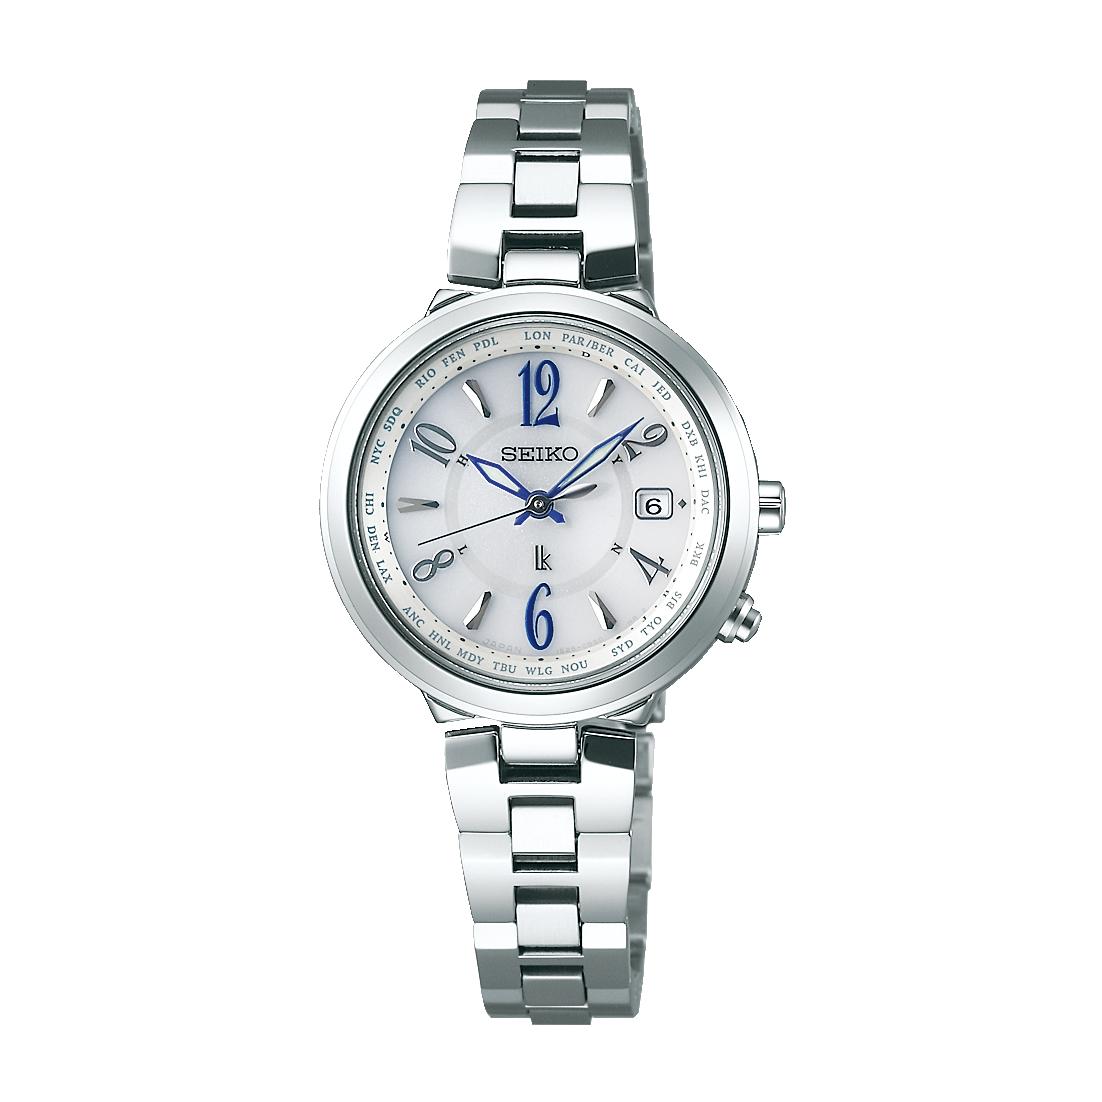 レディース 腕時計 送料無料 新品 正規品 SEIKO 卸売り ルキア ソーラー電波 セイコー SALE開催中 LUKIA SSVV033 ステンレス